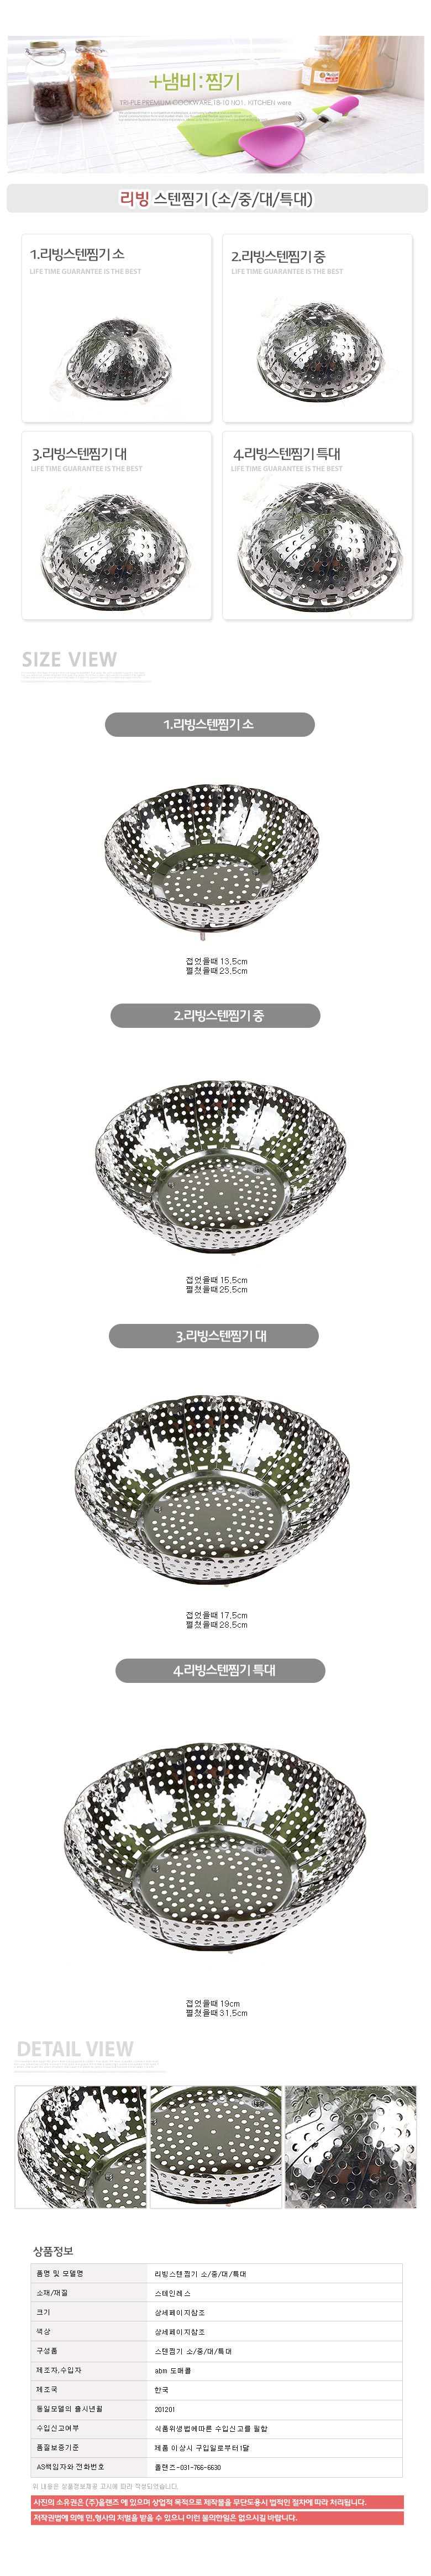 실속형스텐찜기 특대1개 - 콕닷컴, 15,900원, 압력솥/찜기, 찜기